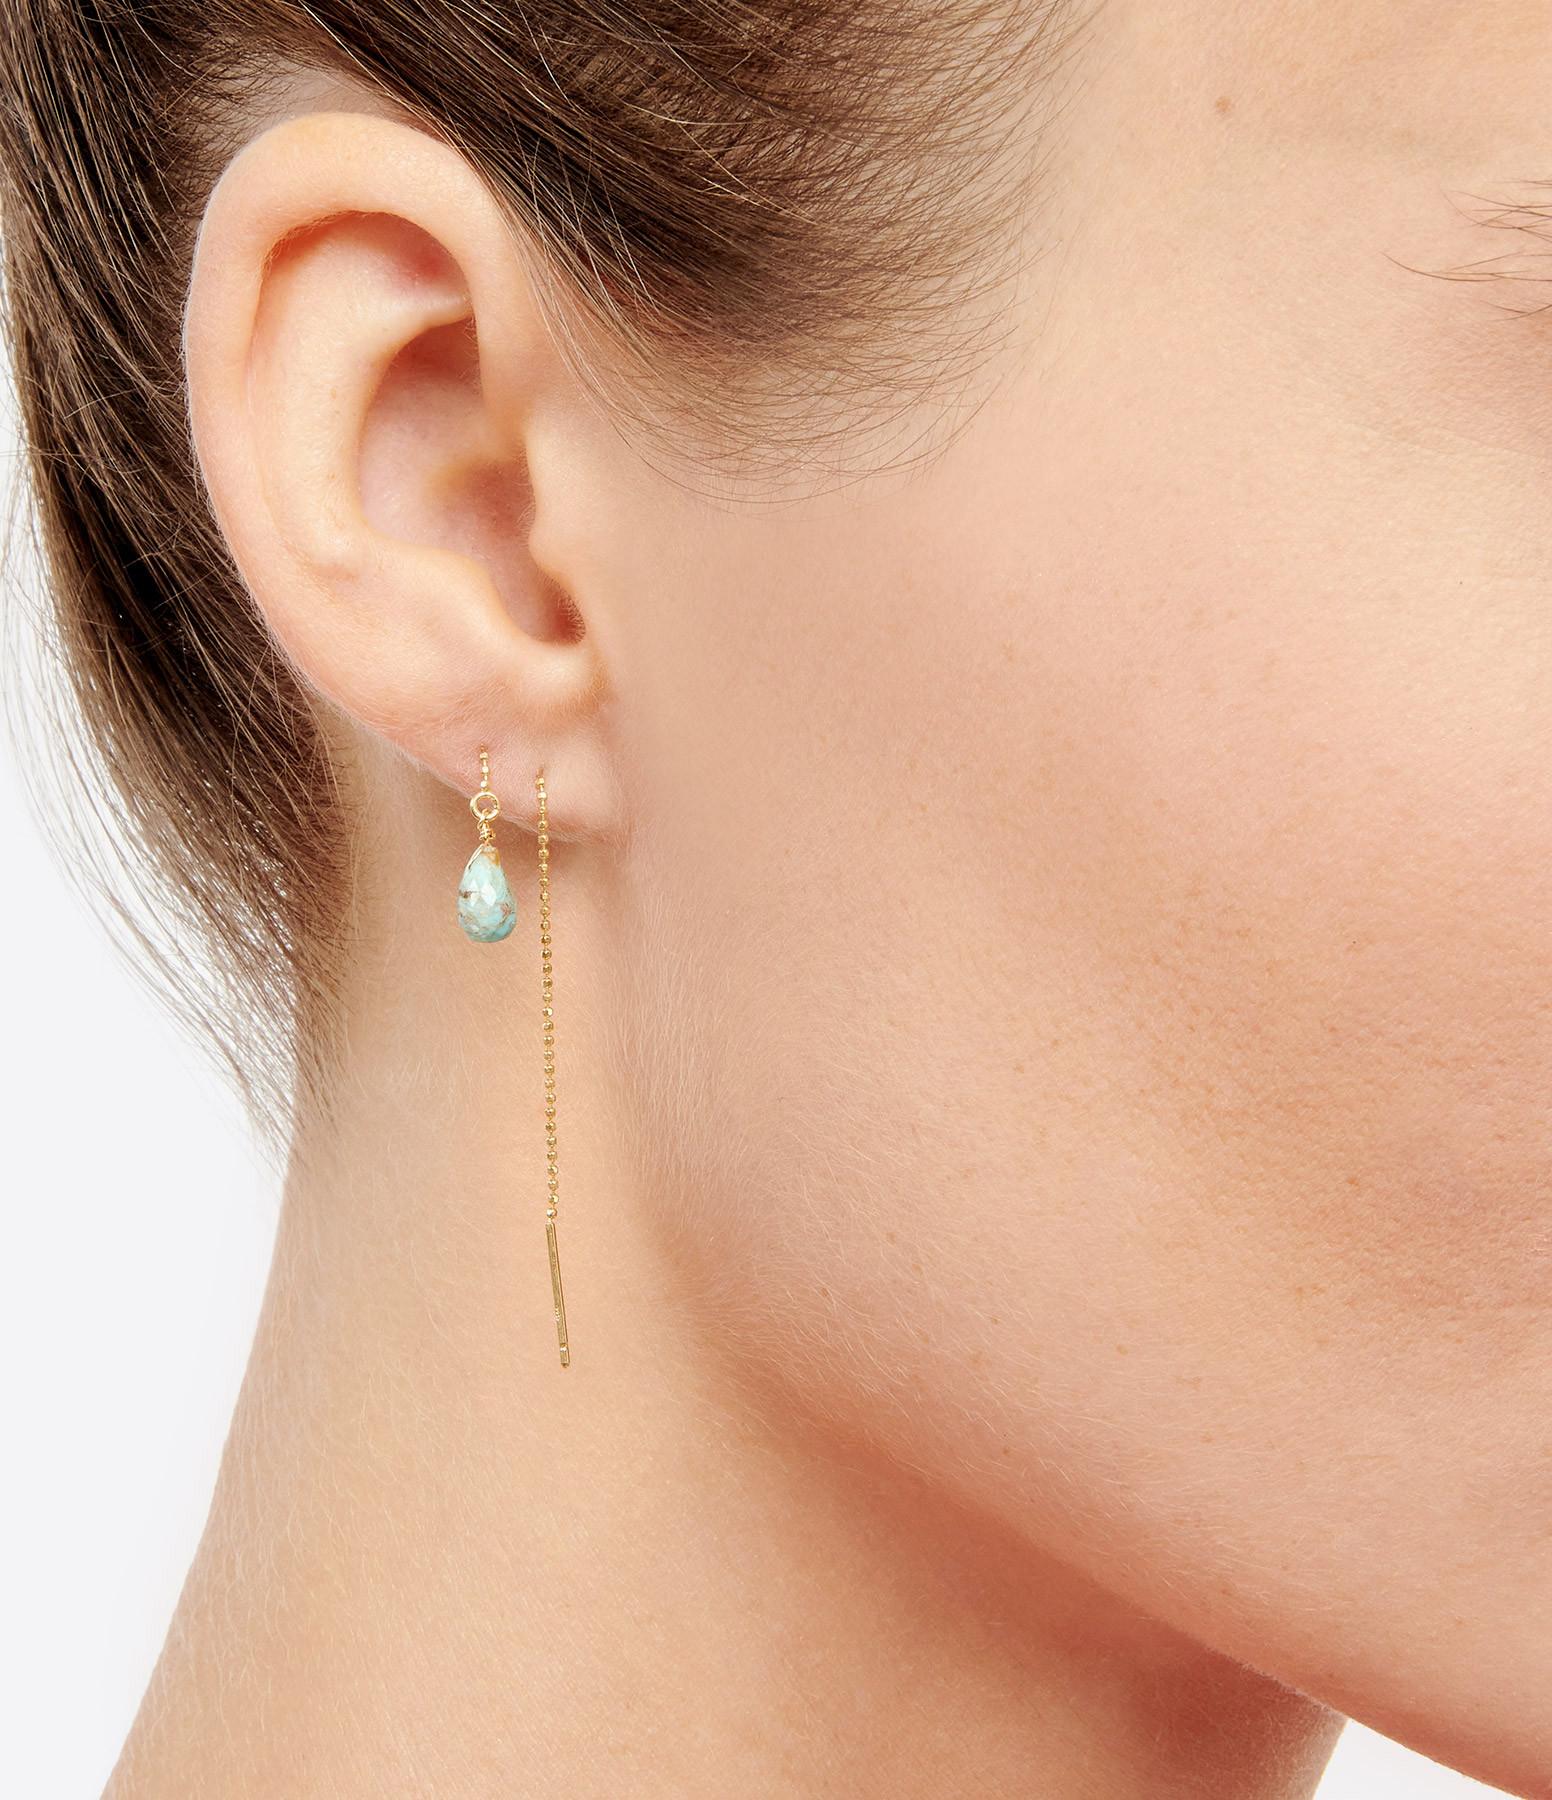 MON PRECIEUX GEM - Boucle d'oreille Chaîne Turquoise (unité)